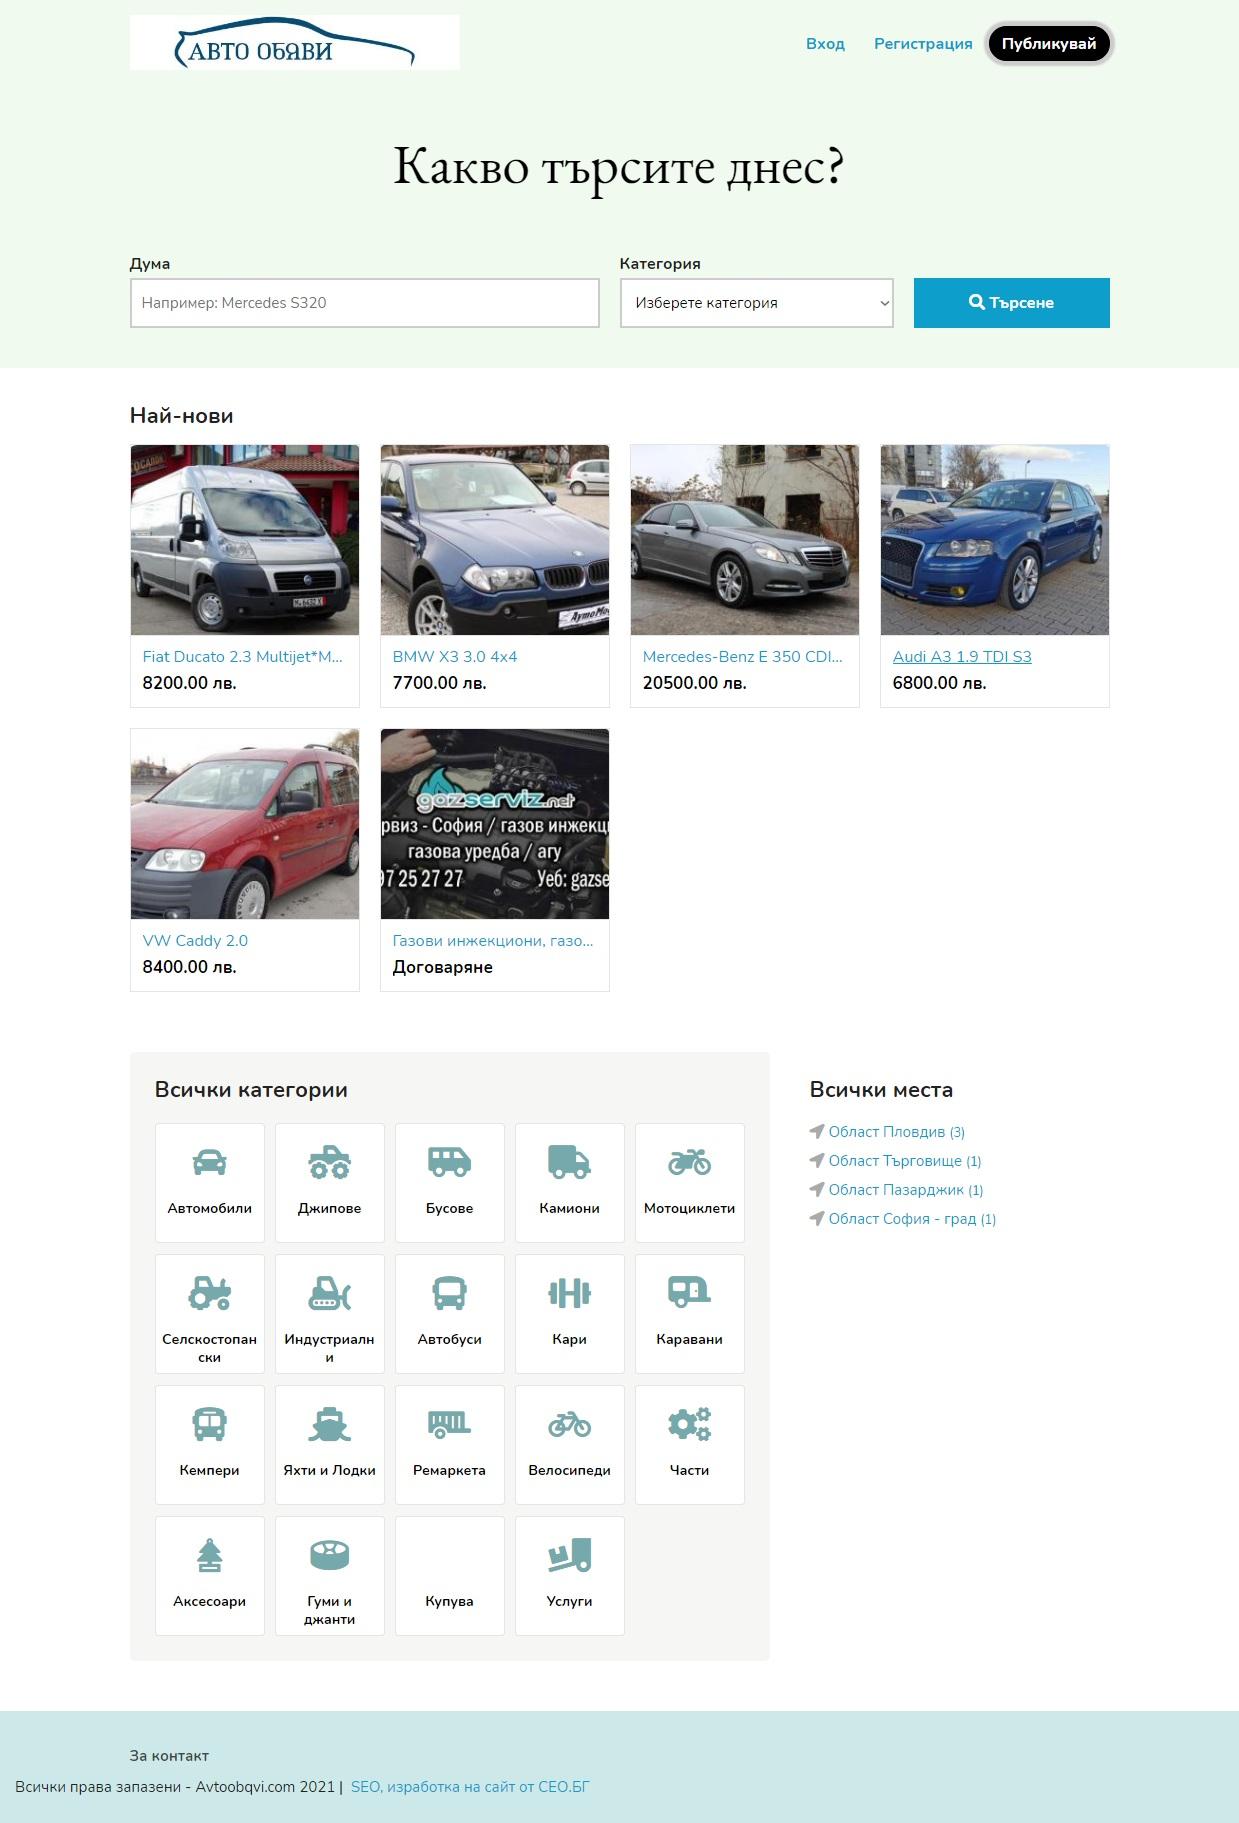 Така изглежда главната страница на сайта за авто обяви ком - avtoobqvi.com - СЕО.бг